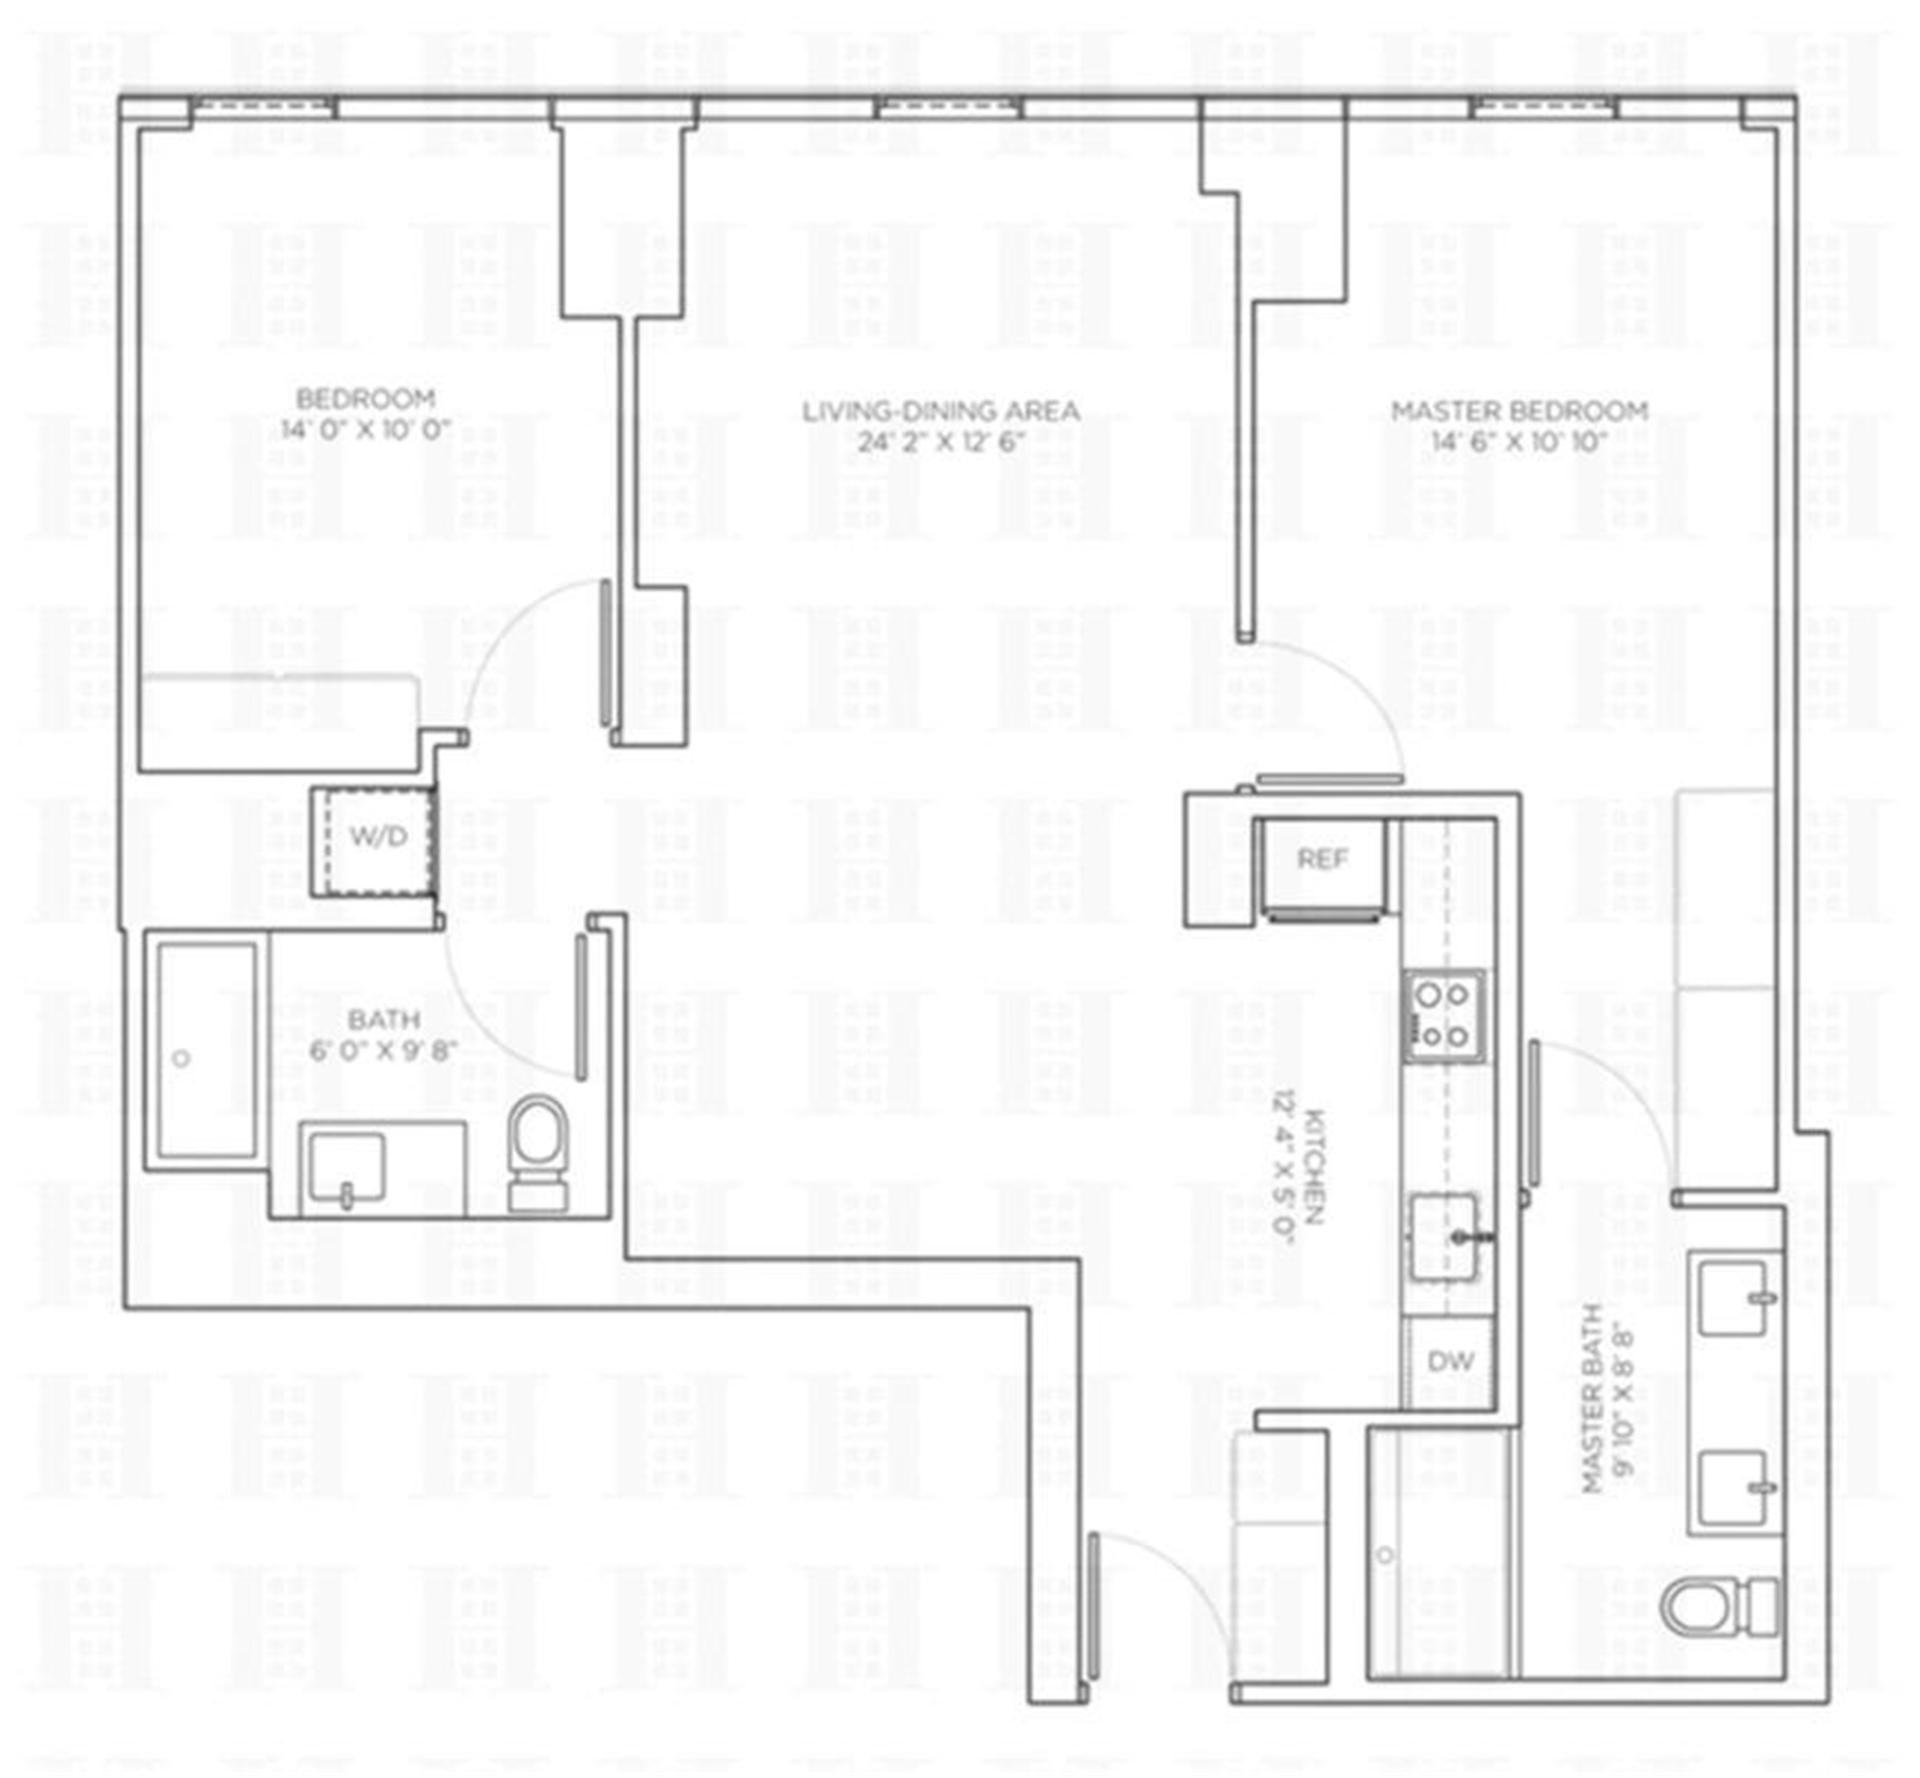 Floor plan of 540 West, 540 West 49th St, 403N - Midtown, New York